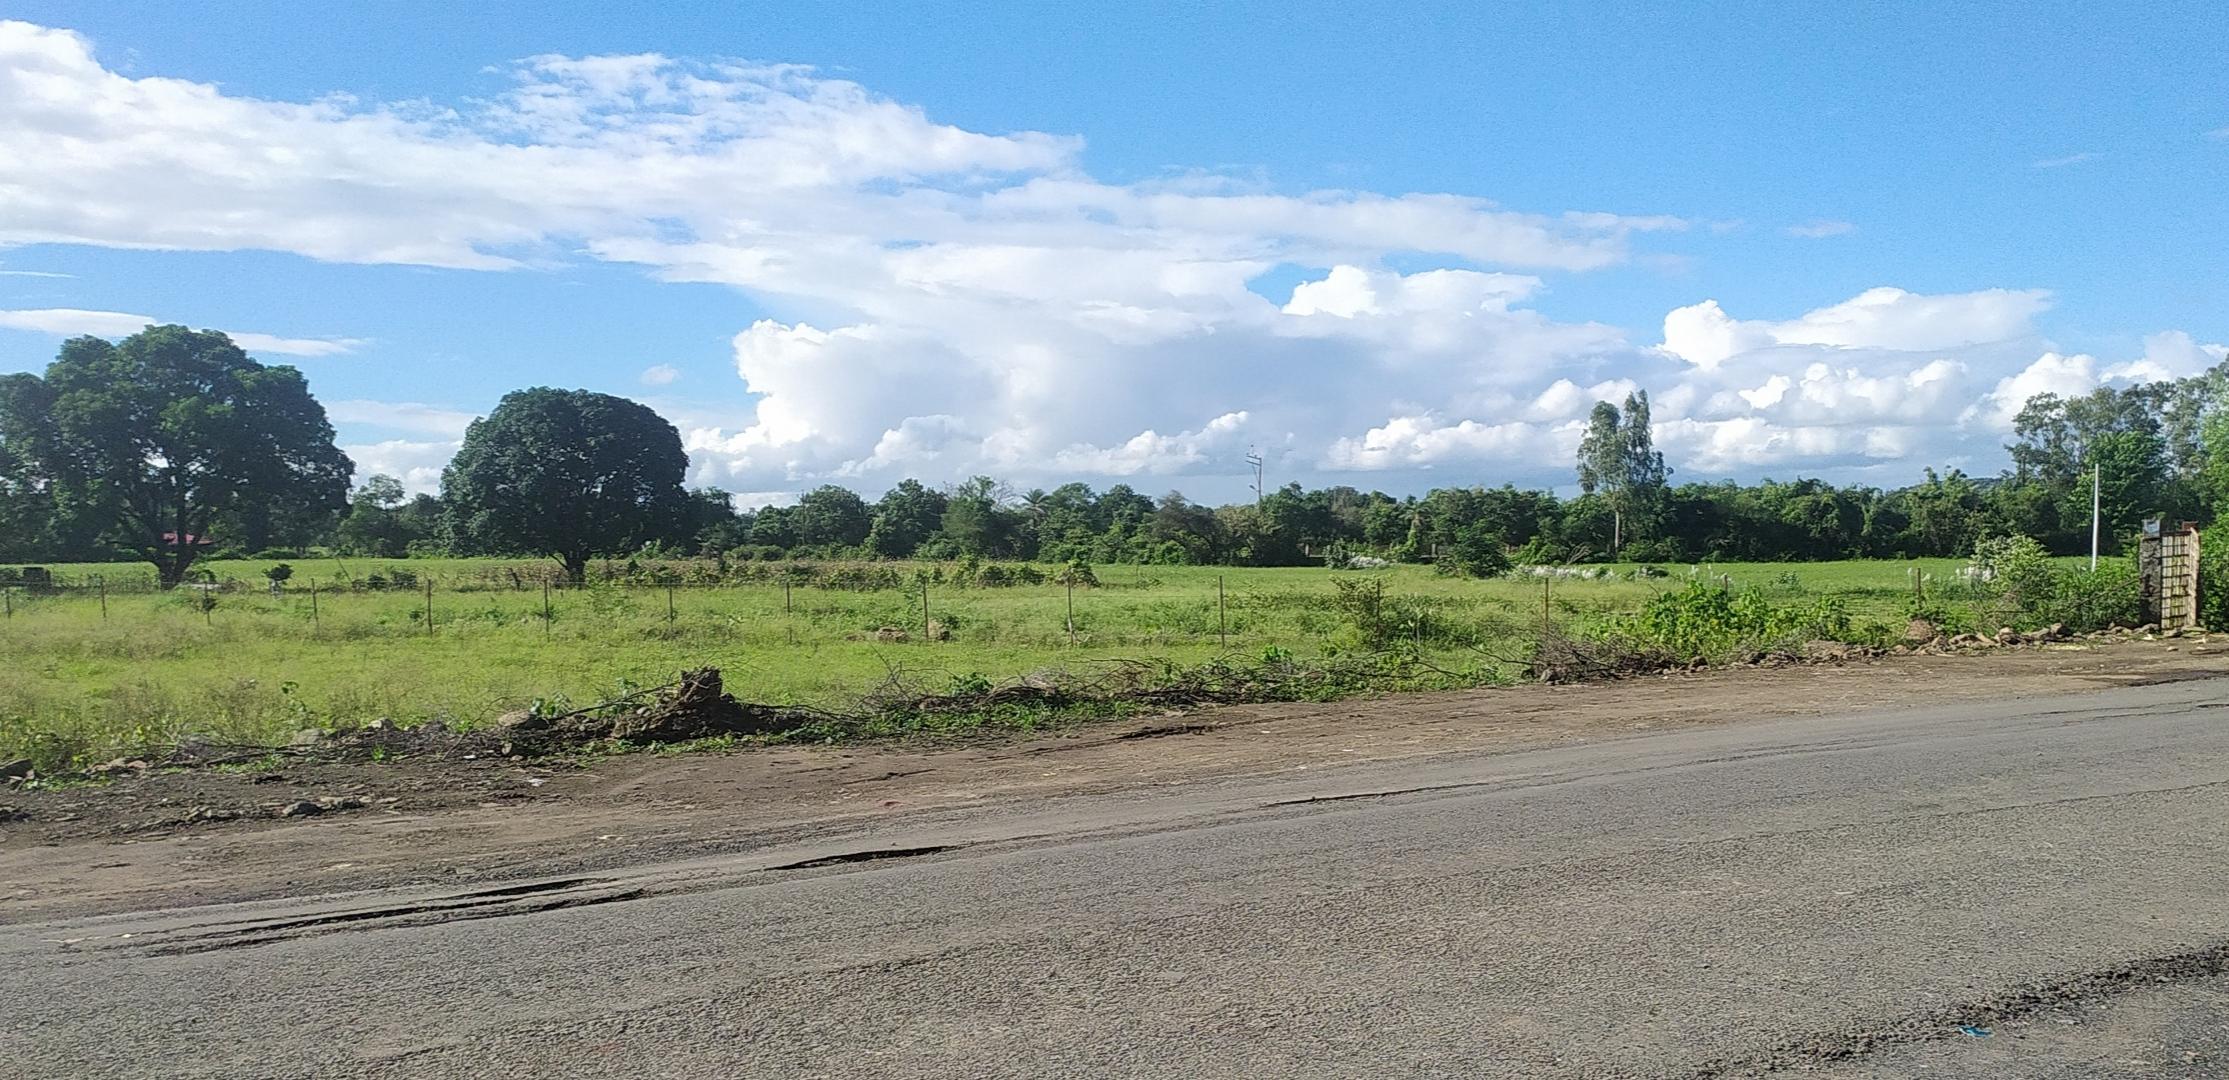 Beautiful landscape in Bhopal